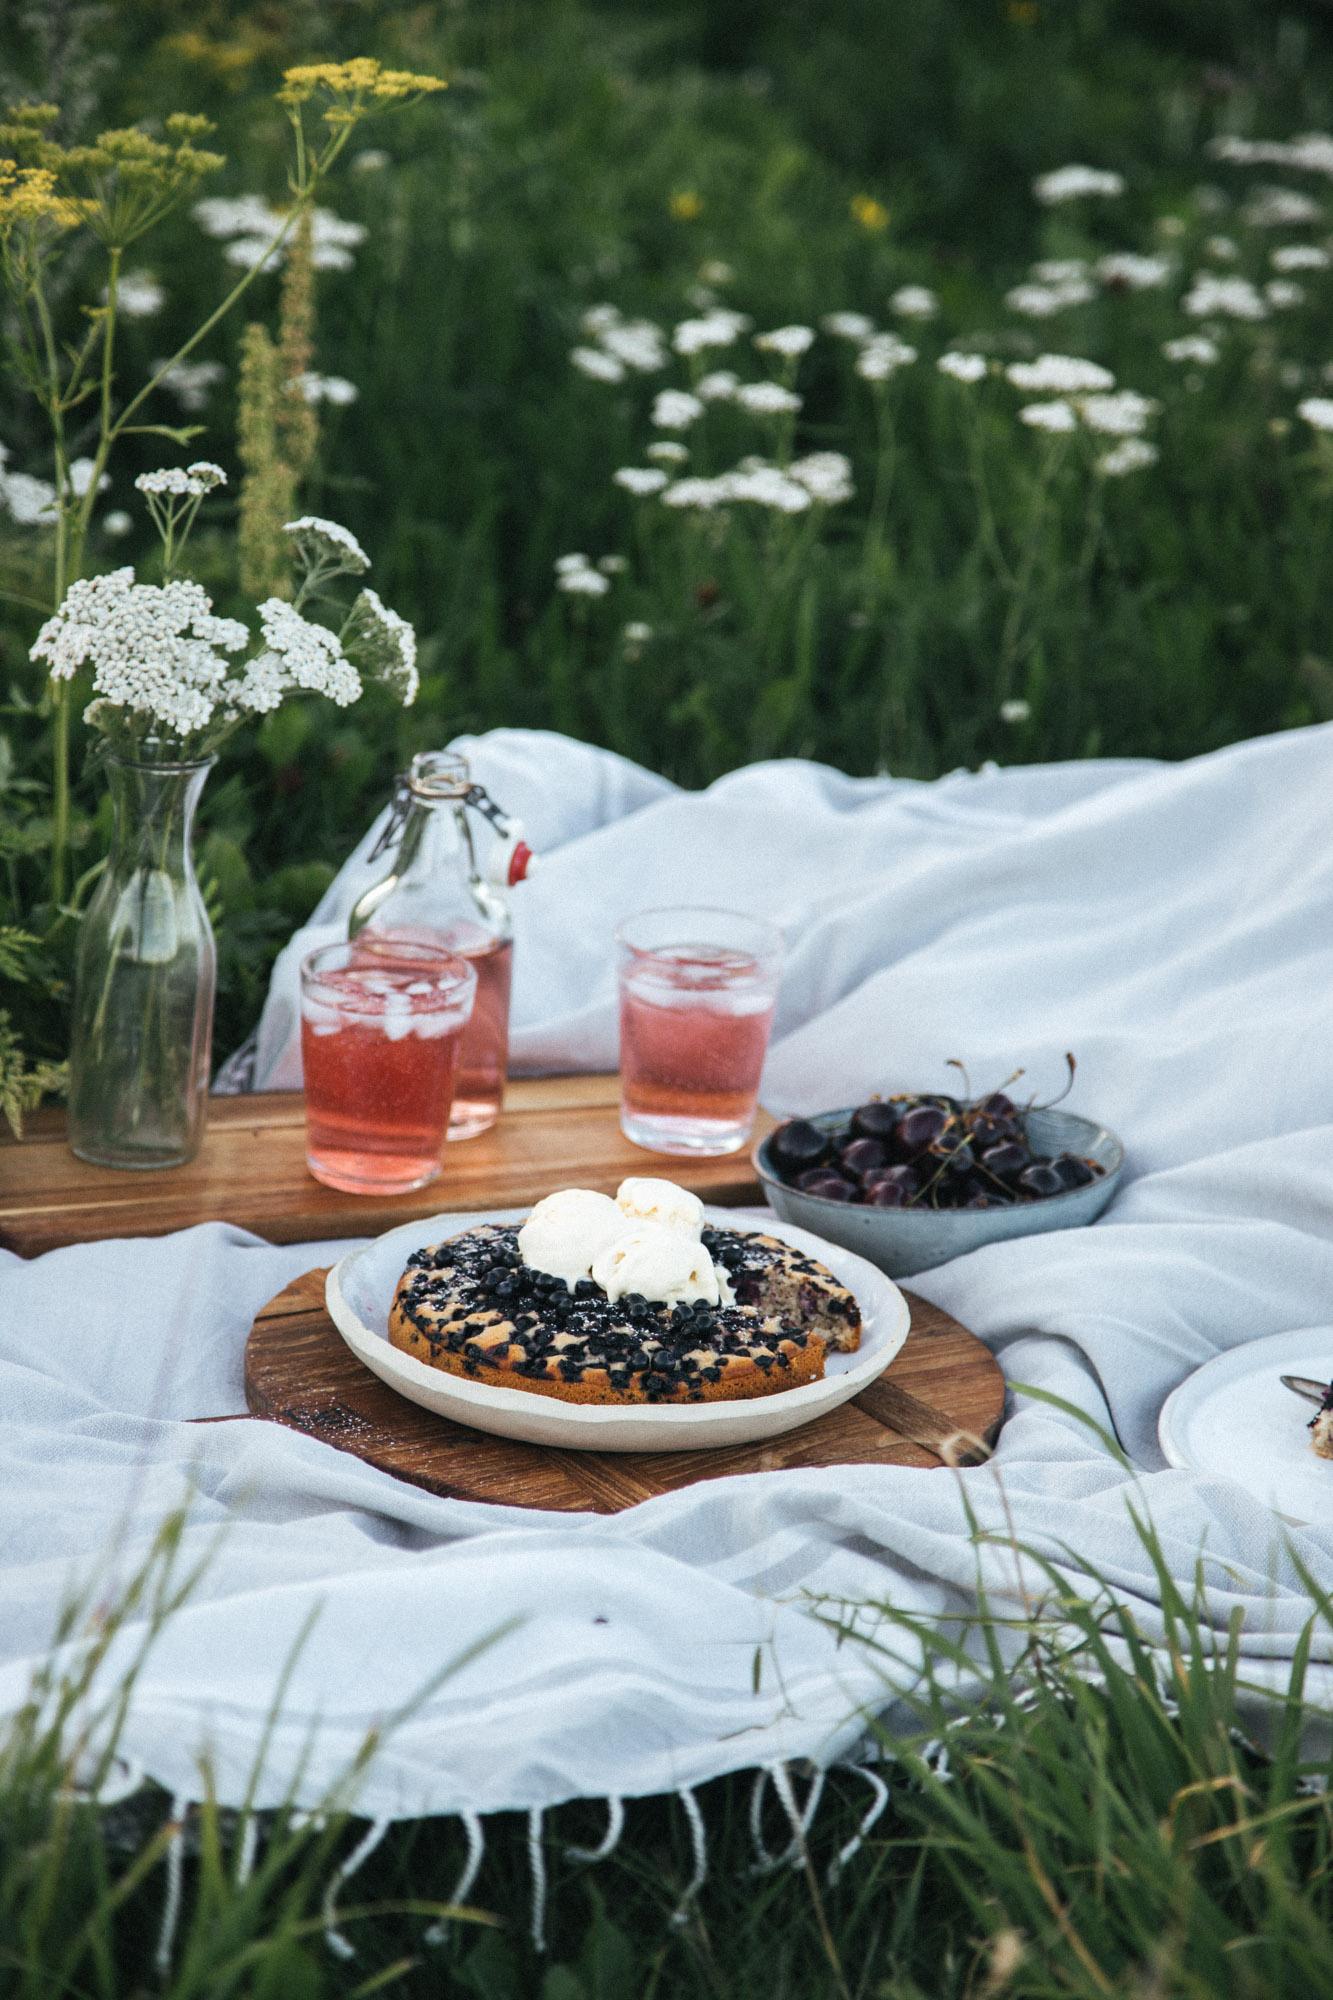 piknik kattaus, laseissa mehua ja piirakka lautasella